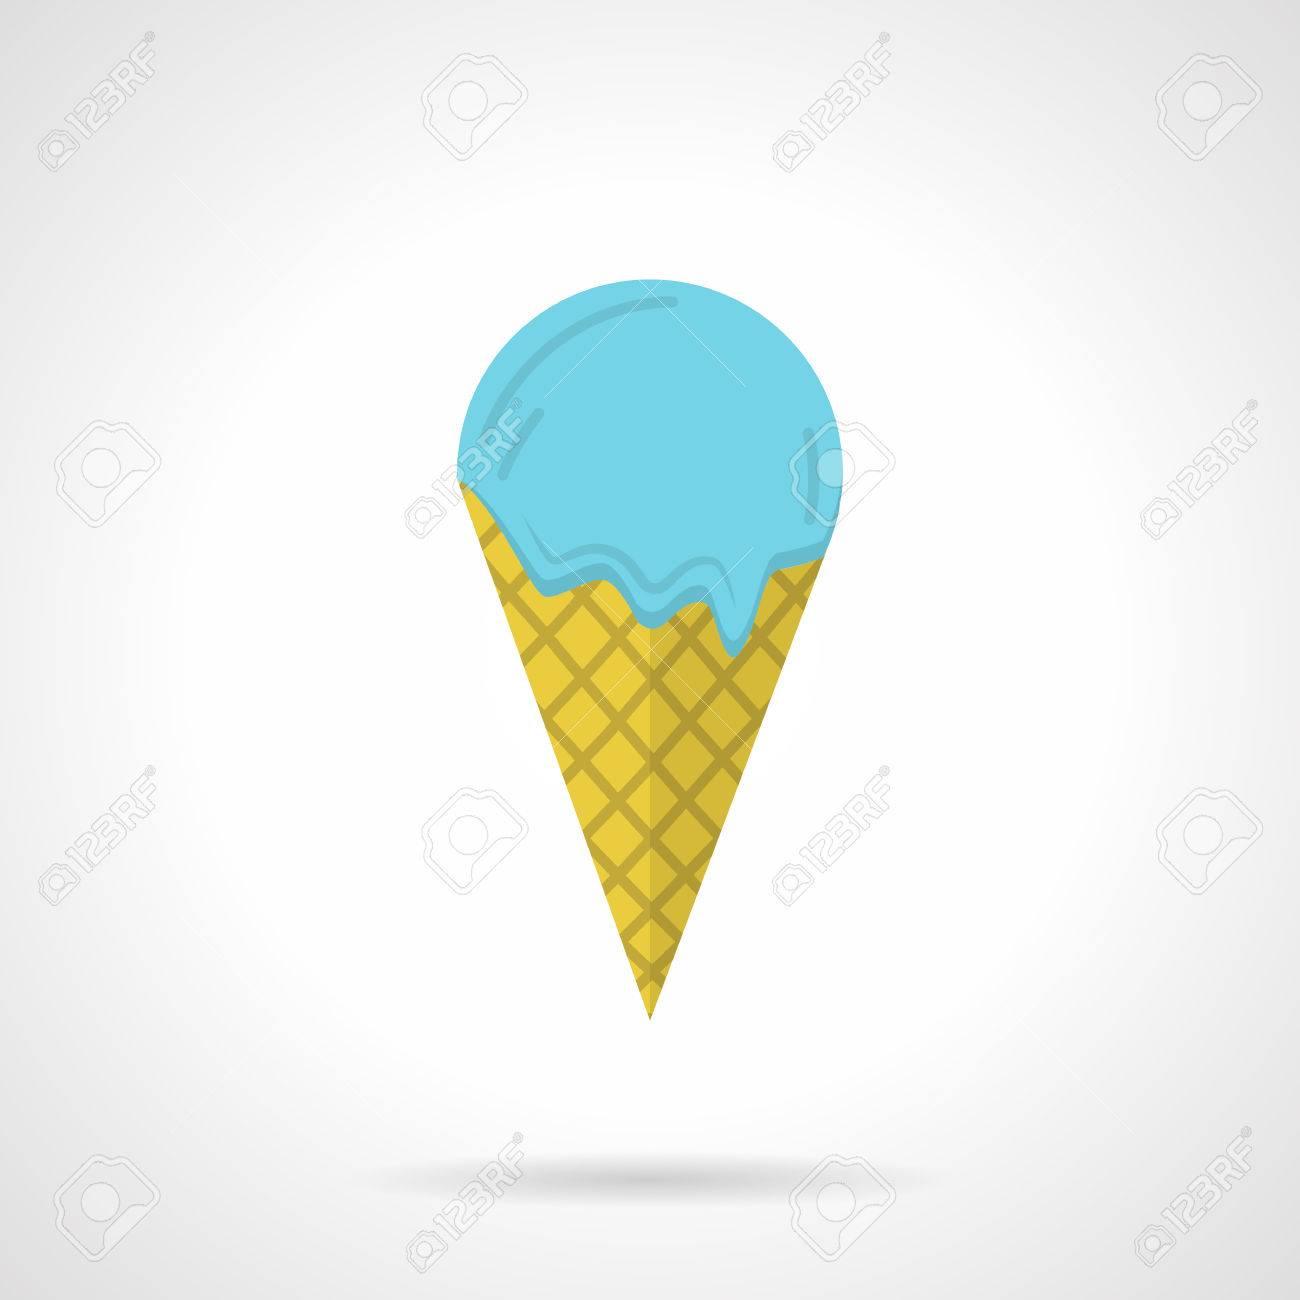 Einzelne Flache Farbgestaltung Vektor Symbol Für Eis Mit Blauen Ball Und  Gelb Wafer Kegel